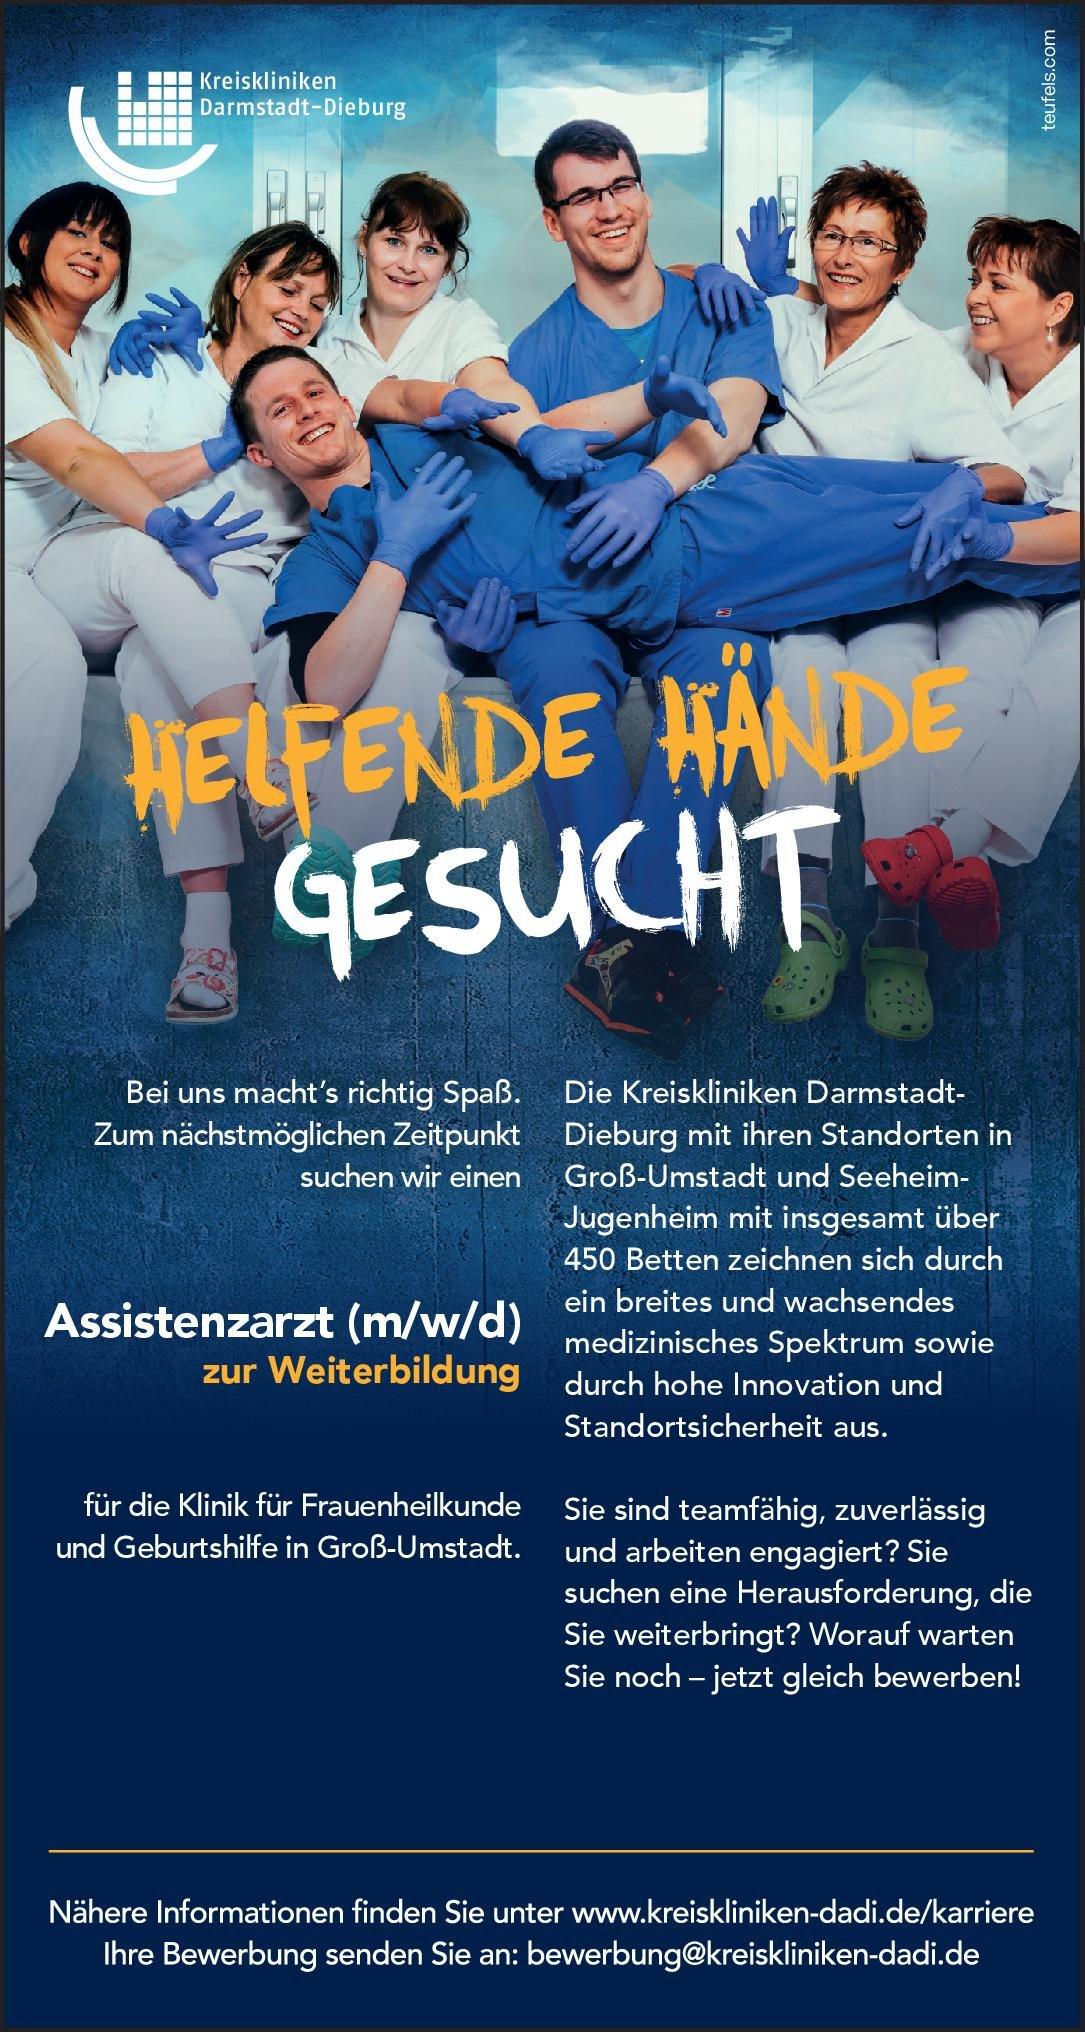 Kreiskliniken Darmstadt-Dieburg Assistenzarzt (m/w/d) zur Weiterbildung für Frauenheilkunde und Geburtshilfe  Frauenheilkunde und Geburtshilfe, Frauenheilkunde und Geburtshilfe Assistenzarzt / Arzt in Weiterbildung